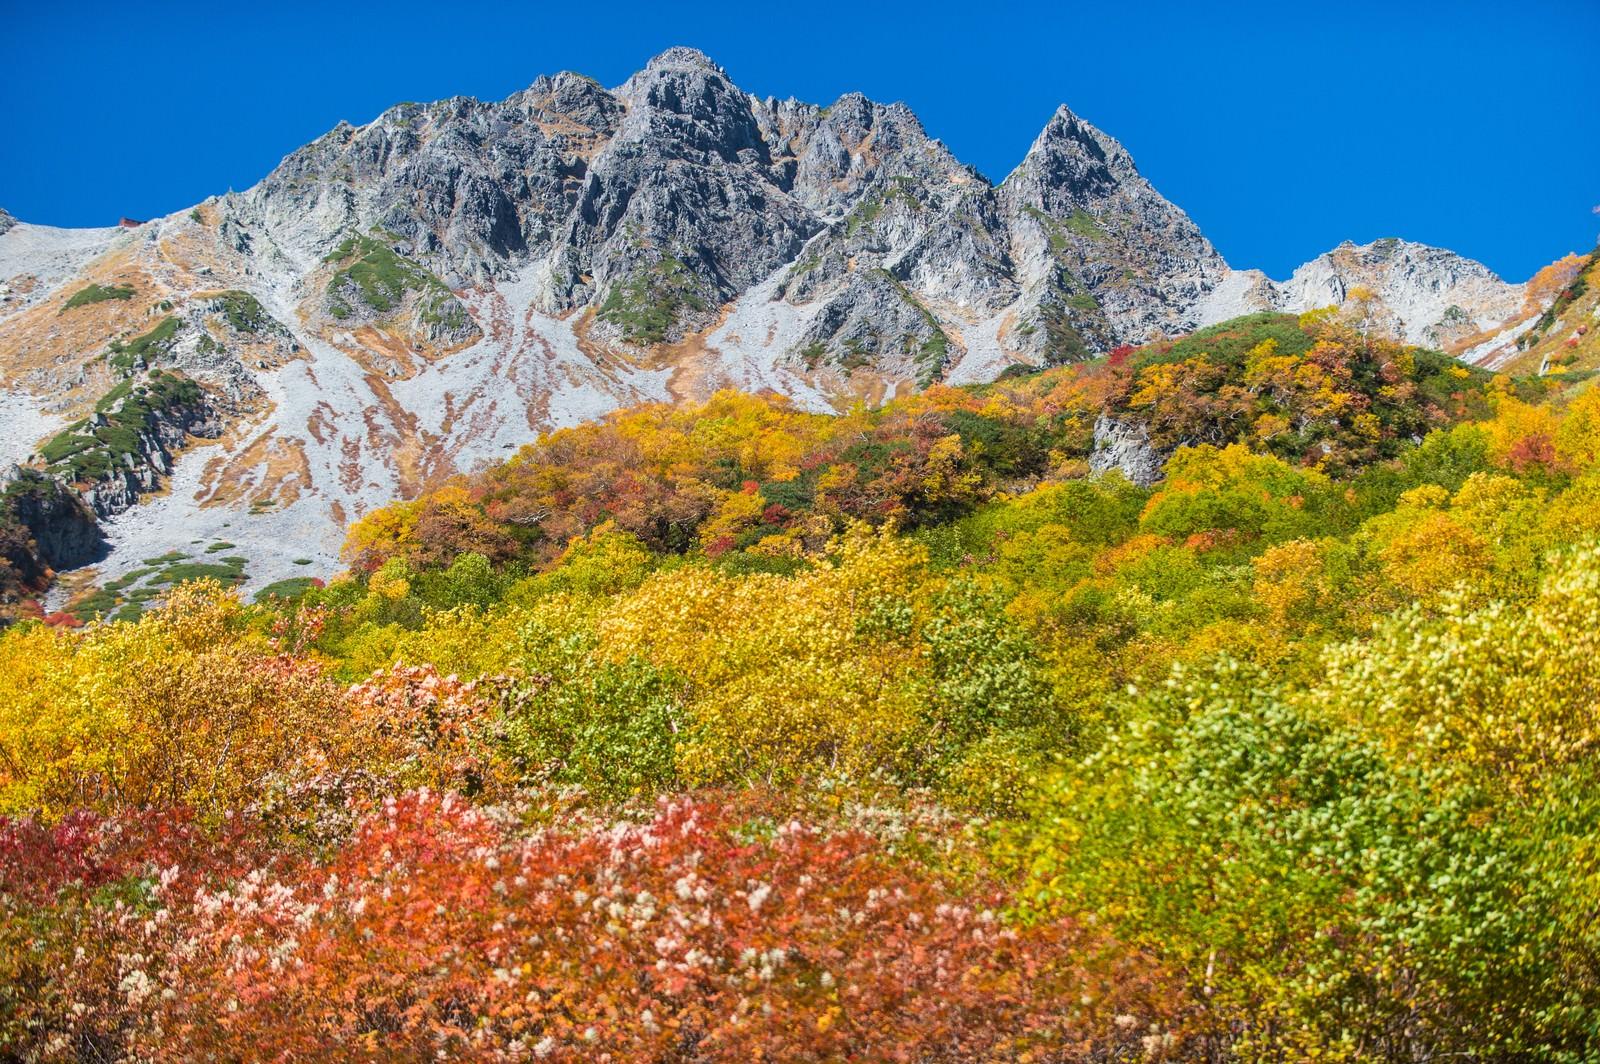 「紅葉に彩られた涸沢の先にあるザイテングラードと穂高」の写真